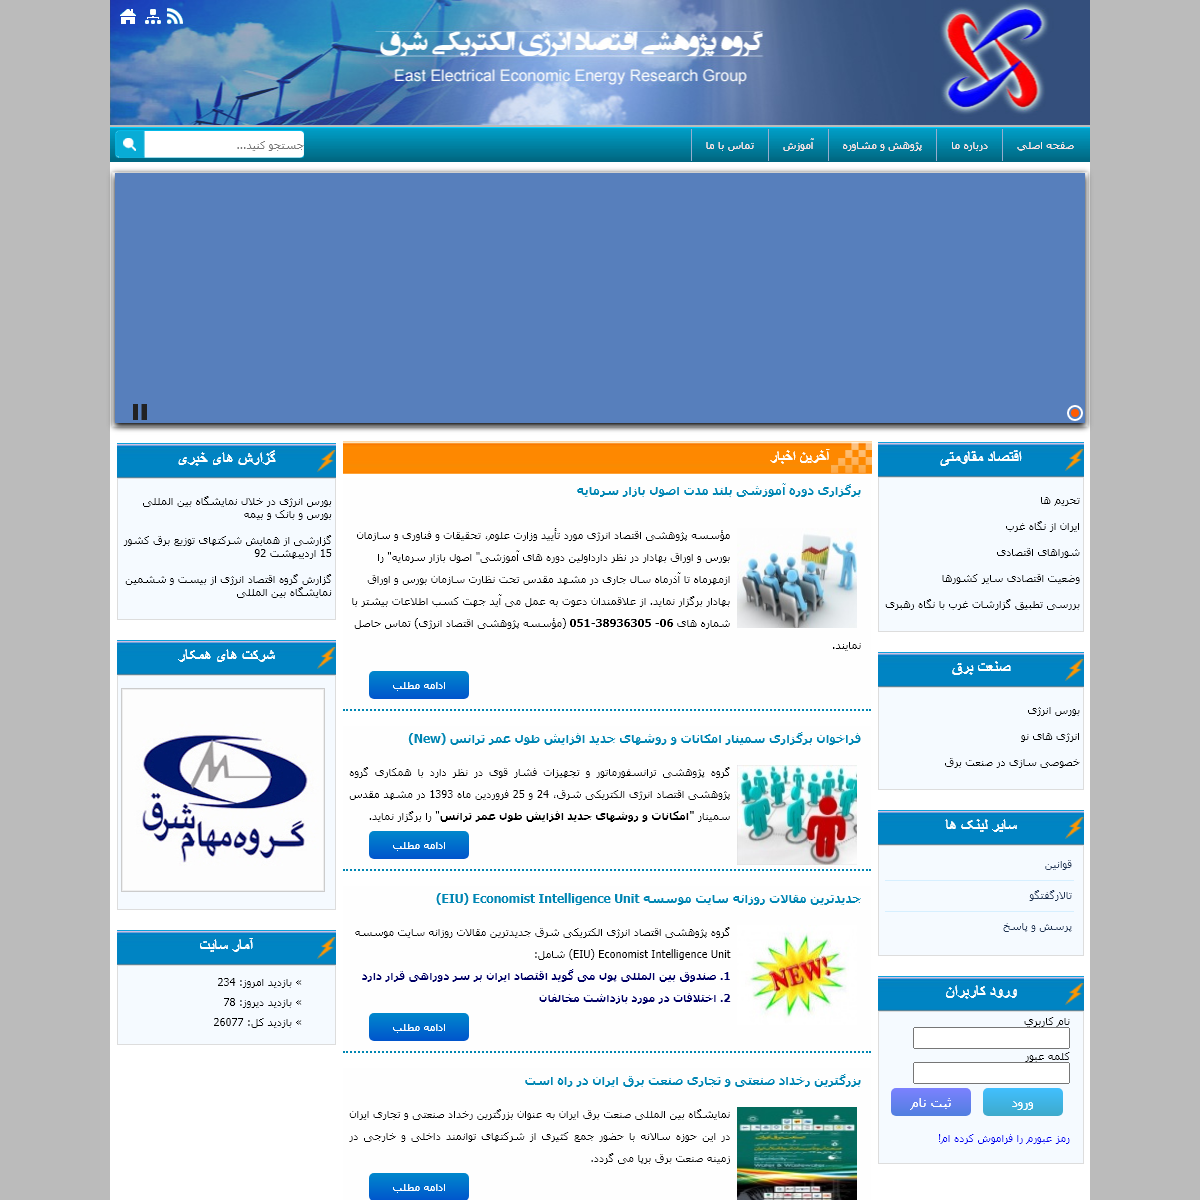 صفحه اصلی-گروه پژوهشی اقتصاد انرژی الکتریکی شرق